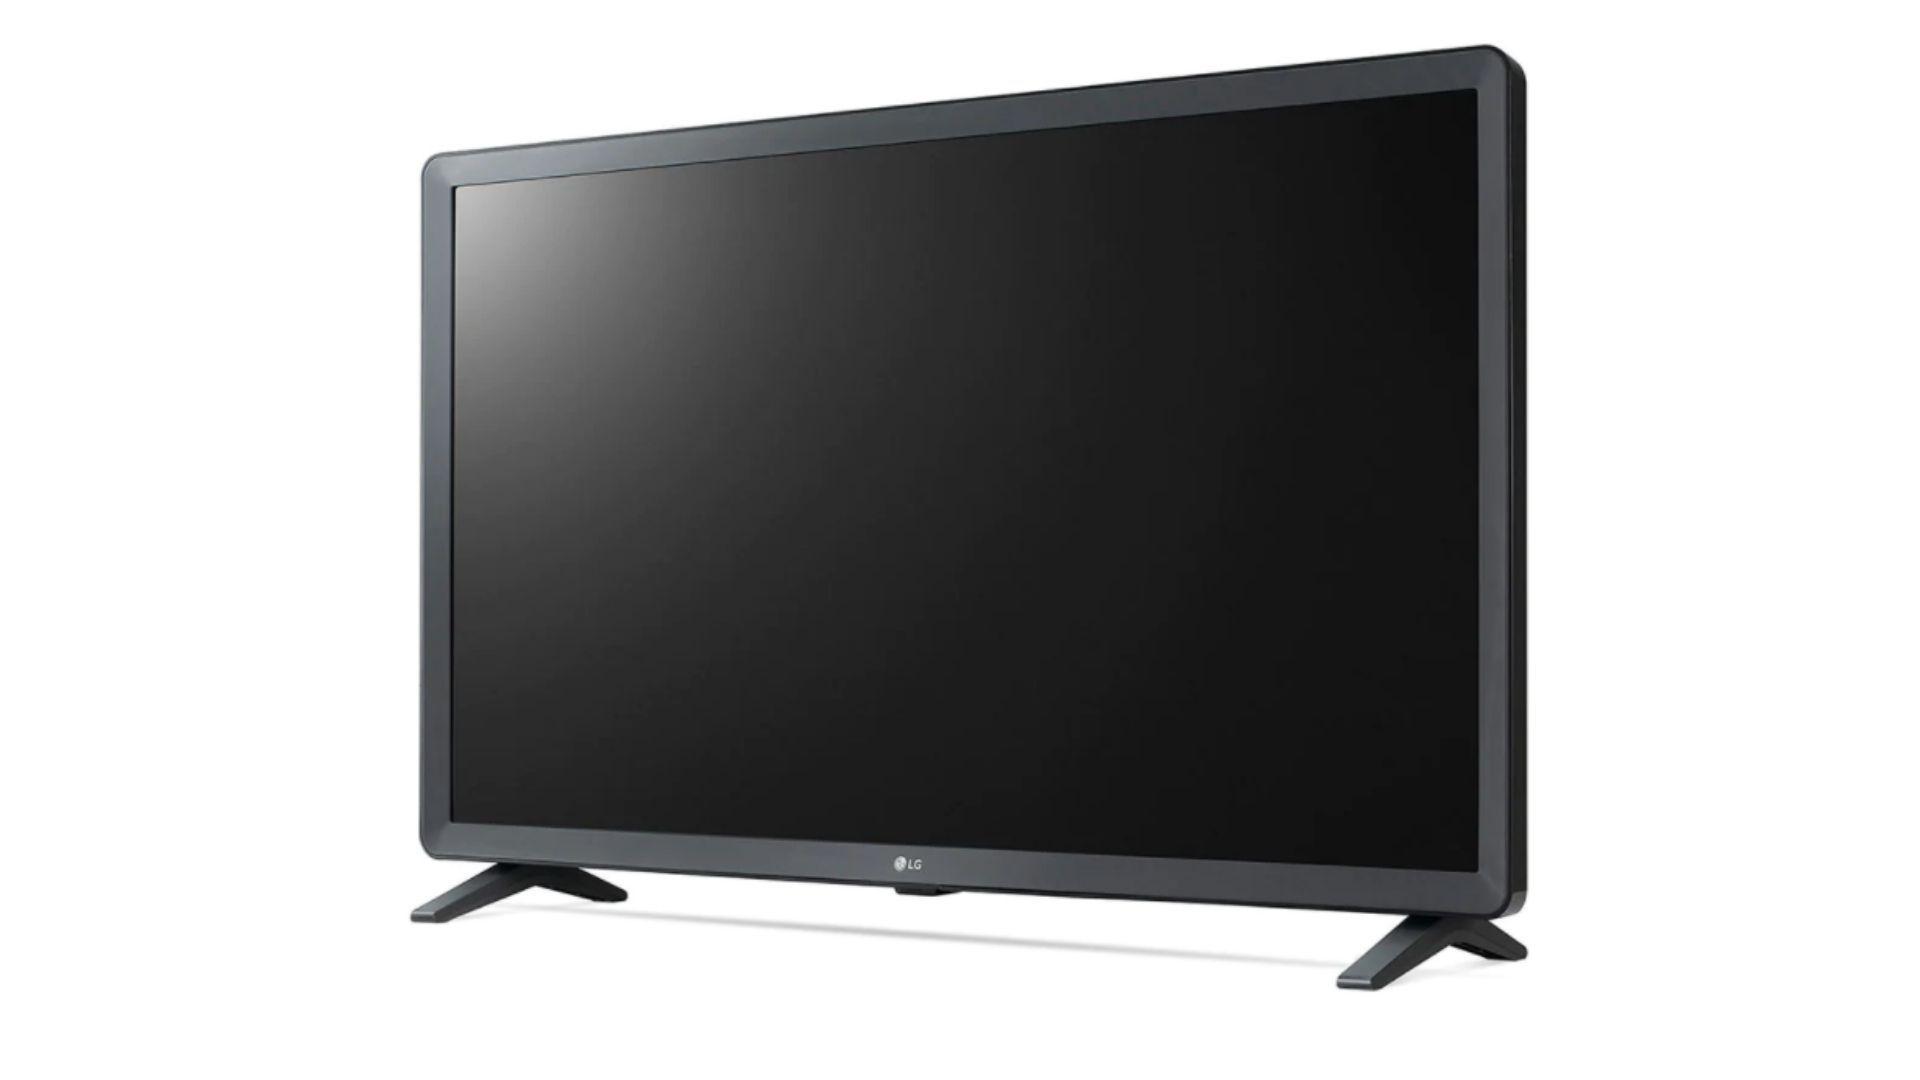 O design dessa Smart TV Lg é minimalista e possui dois pés laterais (Foto: Divulgação LG)